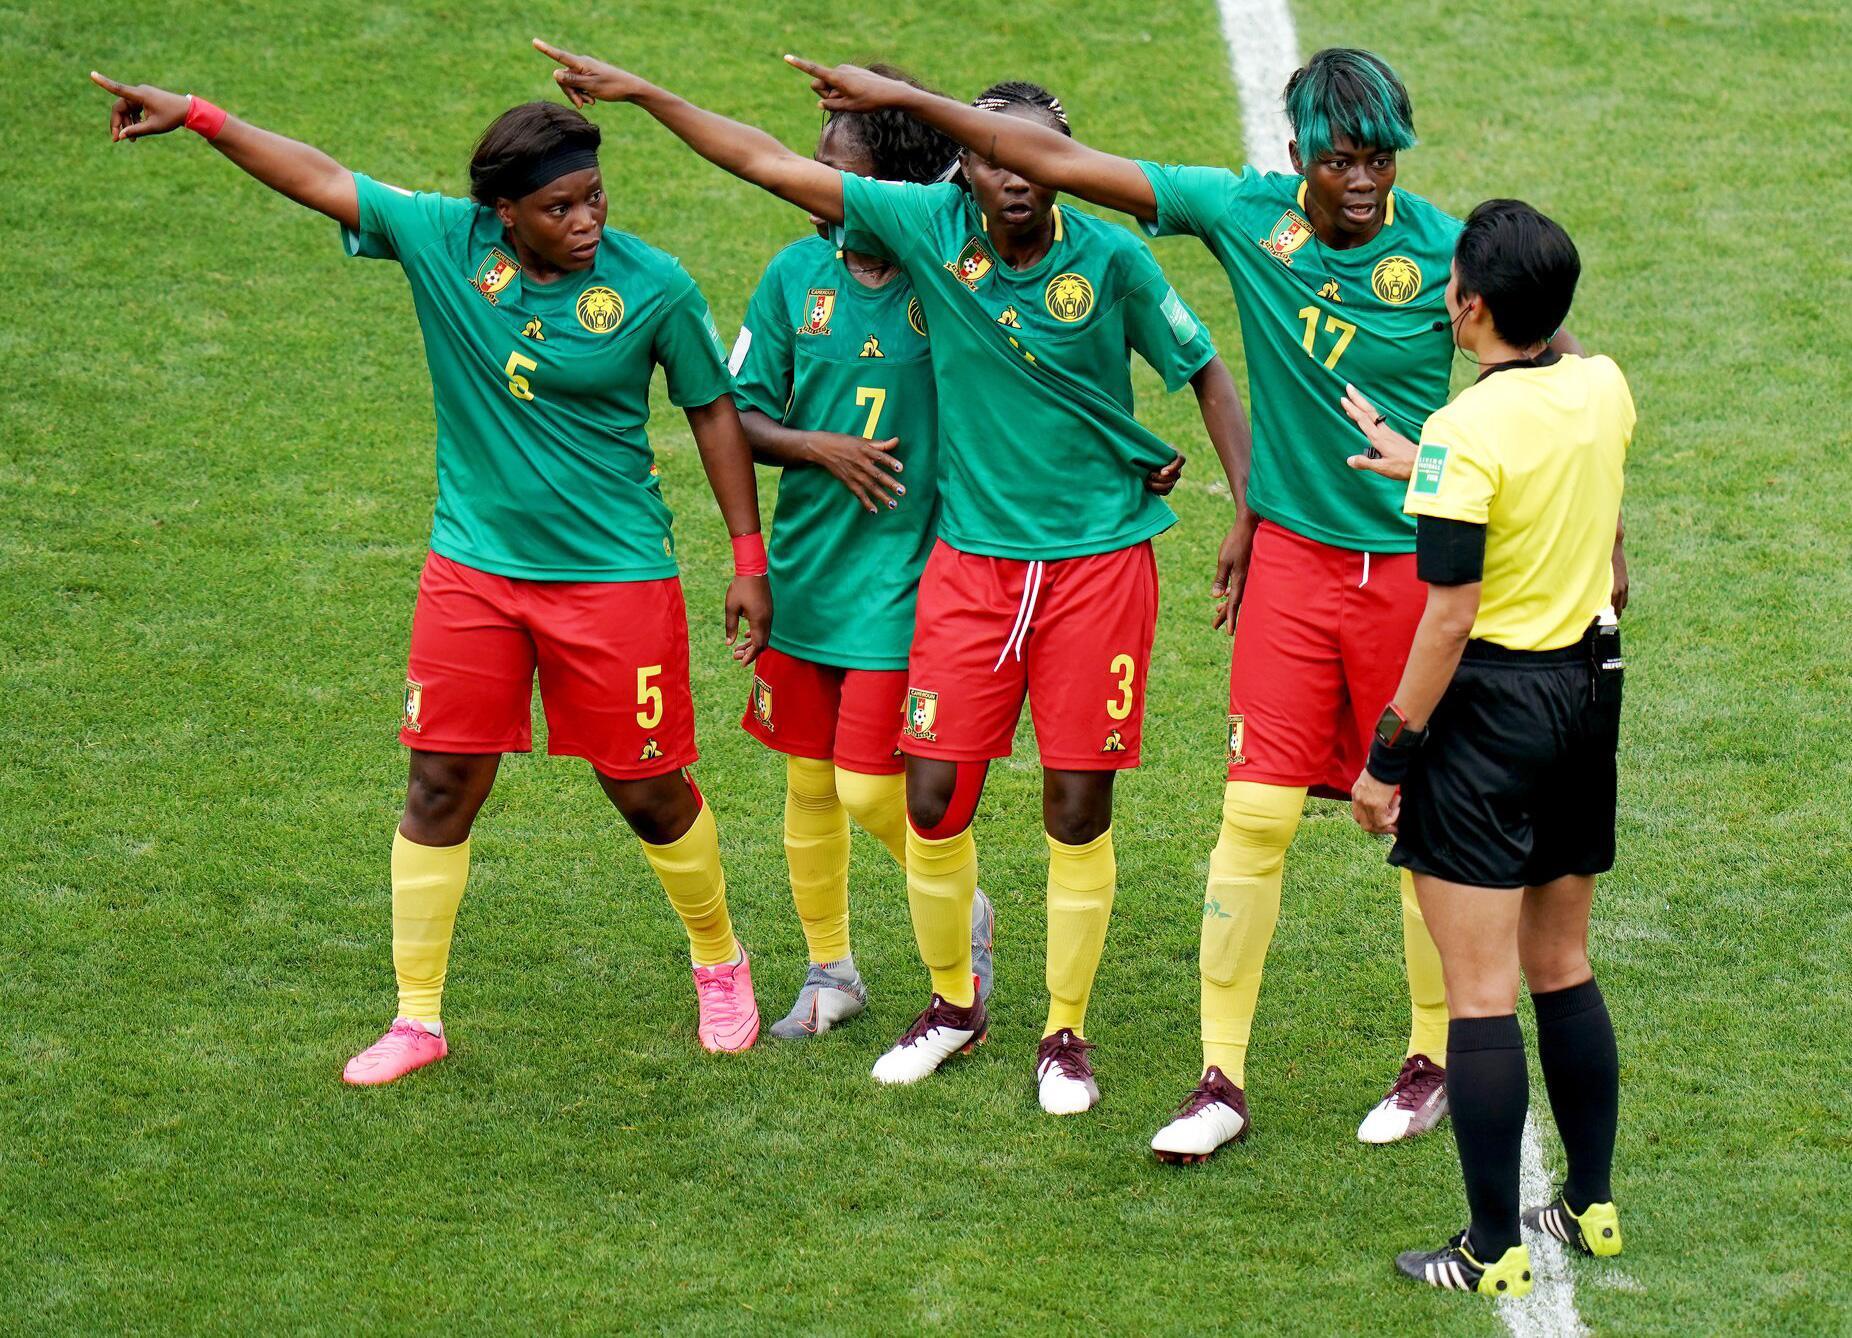 Bild zu Frauenfußball-WM, Frauen-WM 2019, Frankreich, Achtelfinale, Valenciennes, England, Kamerun